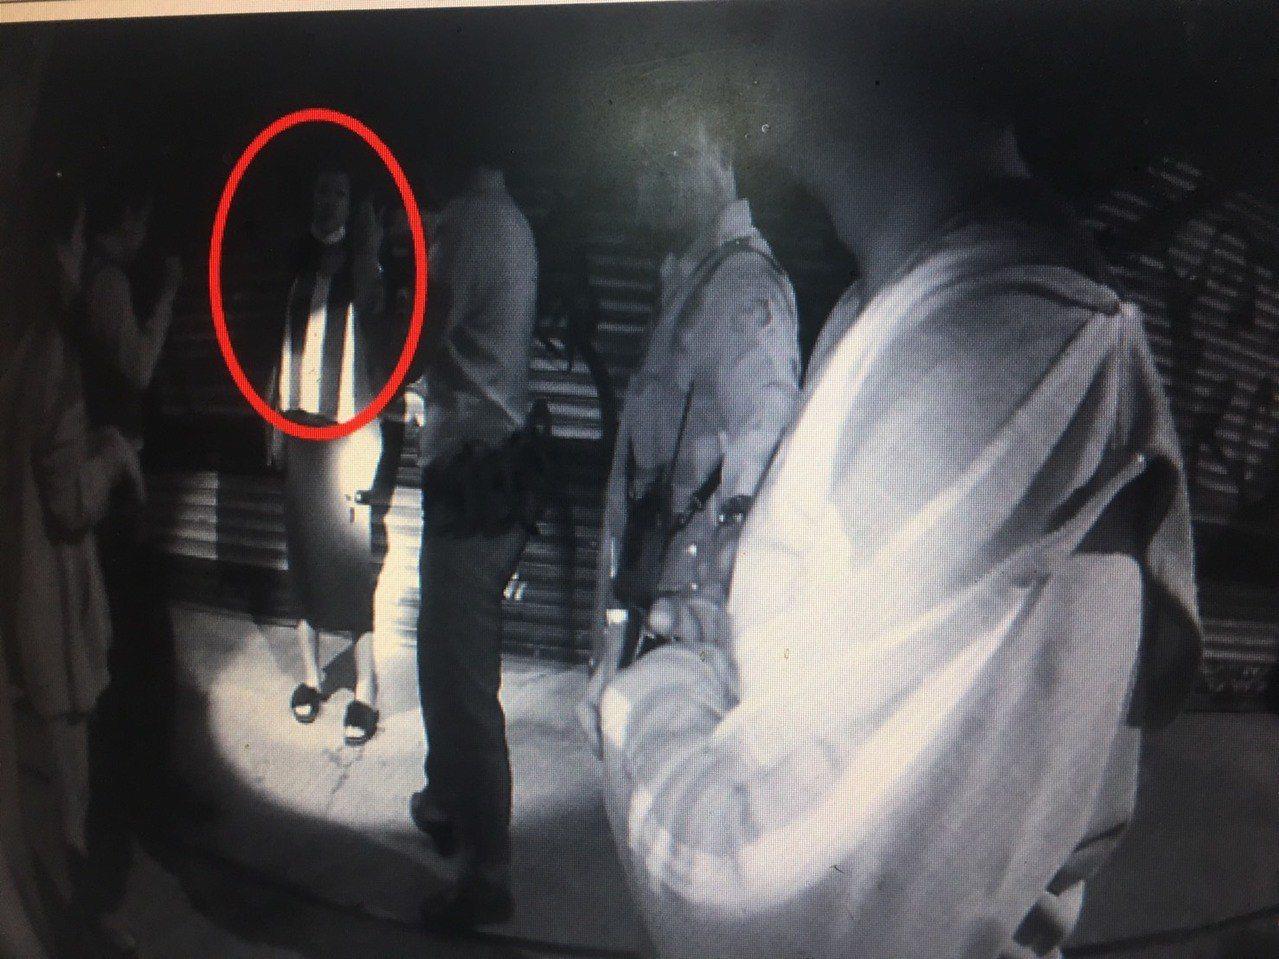 秦男遭員警攔查,因藏毒心虛,竟打電話請林姓未婚妻到場幫忙滅證。記者江國豪/翻攝